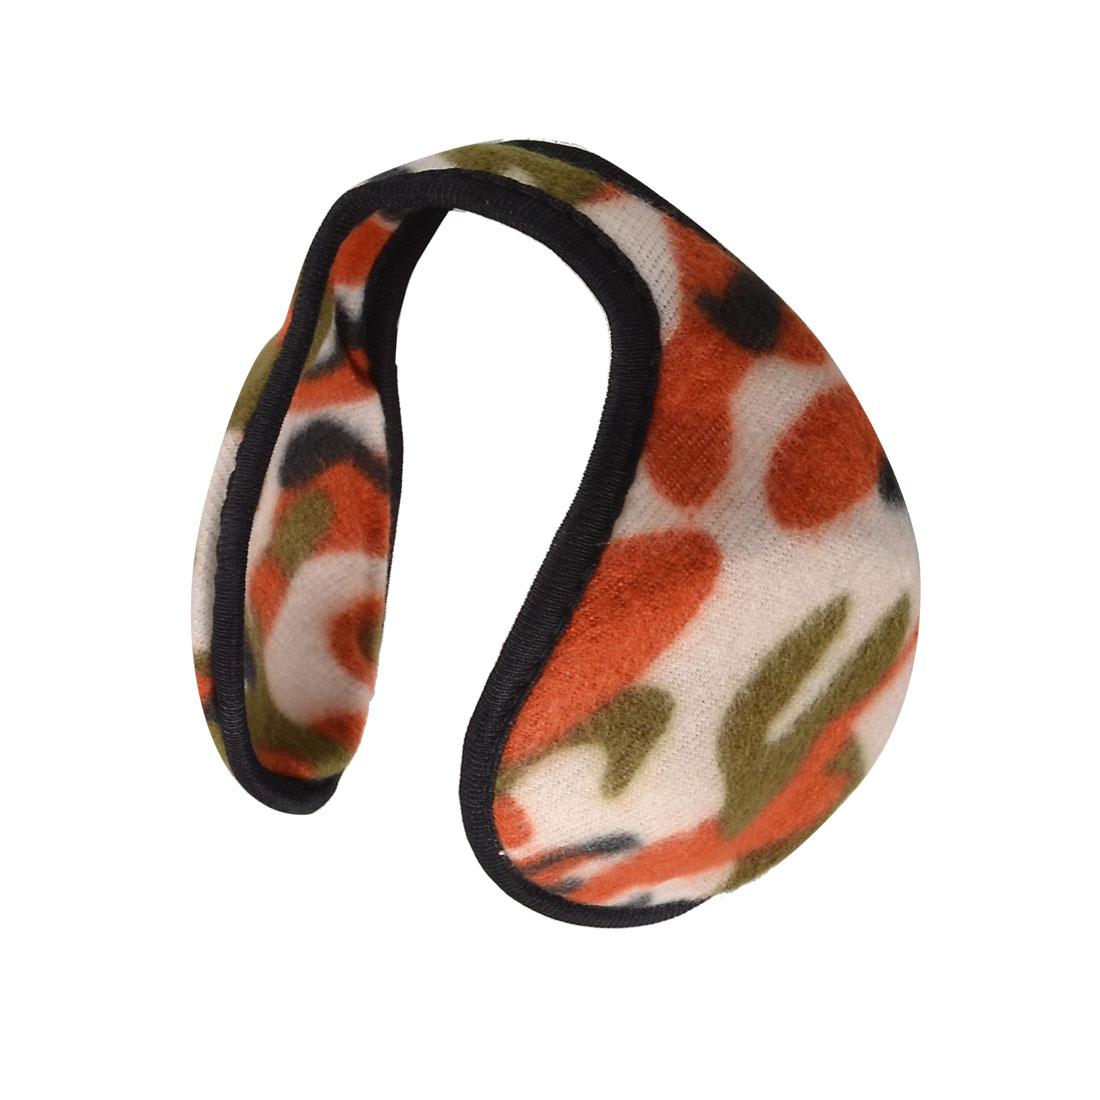 White Red Camouflage Printed Fleece Back Wear Earmuffs Ear Warm Protector for Men Women